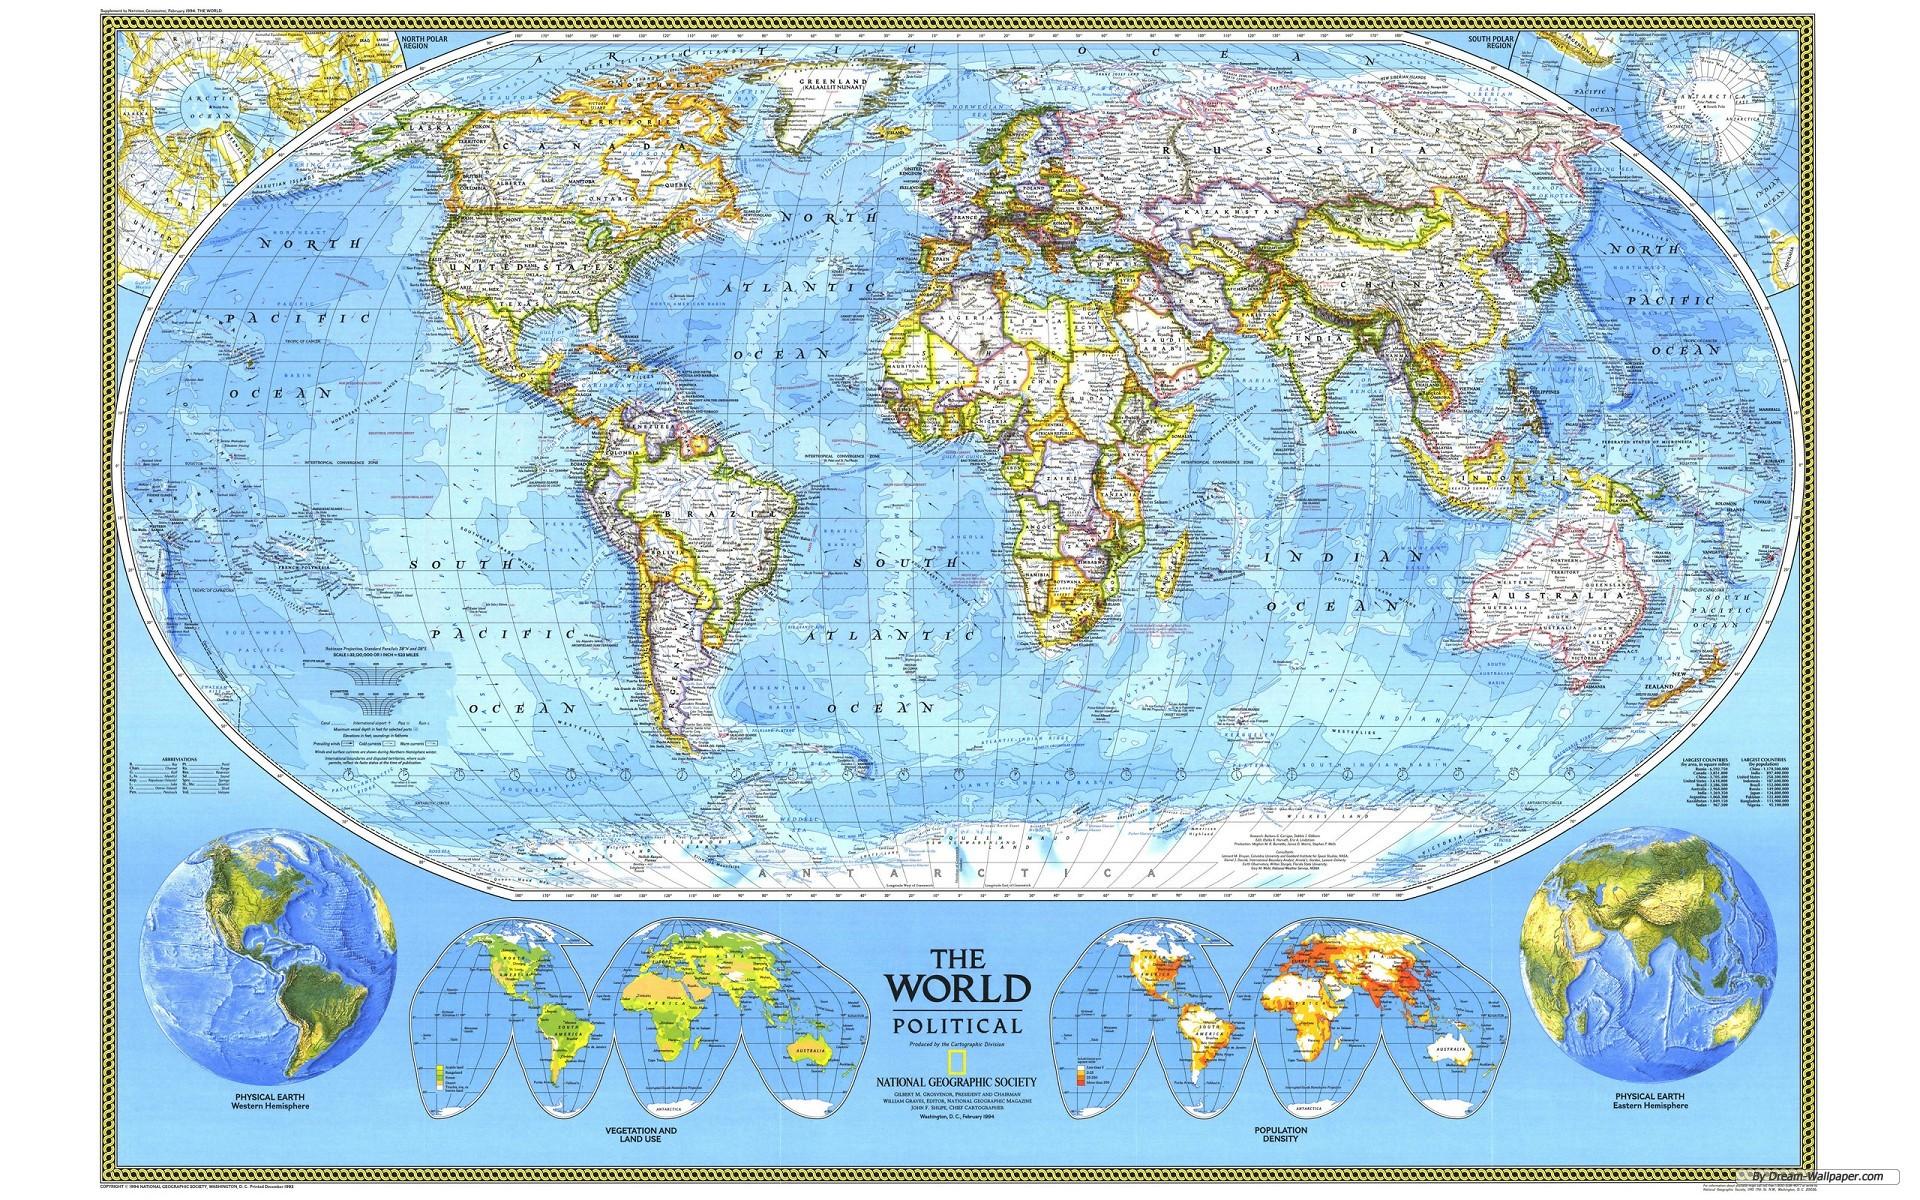 Wallpaper of World Map - WallpaperSafari